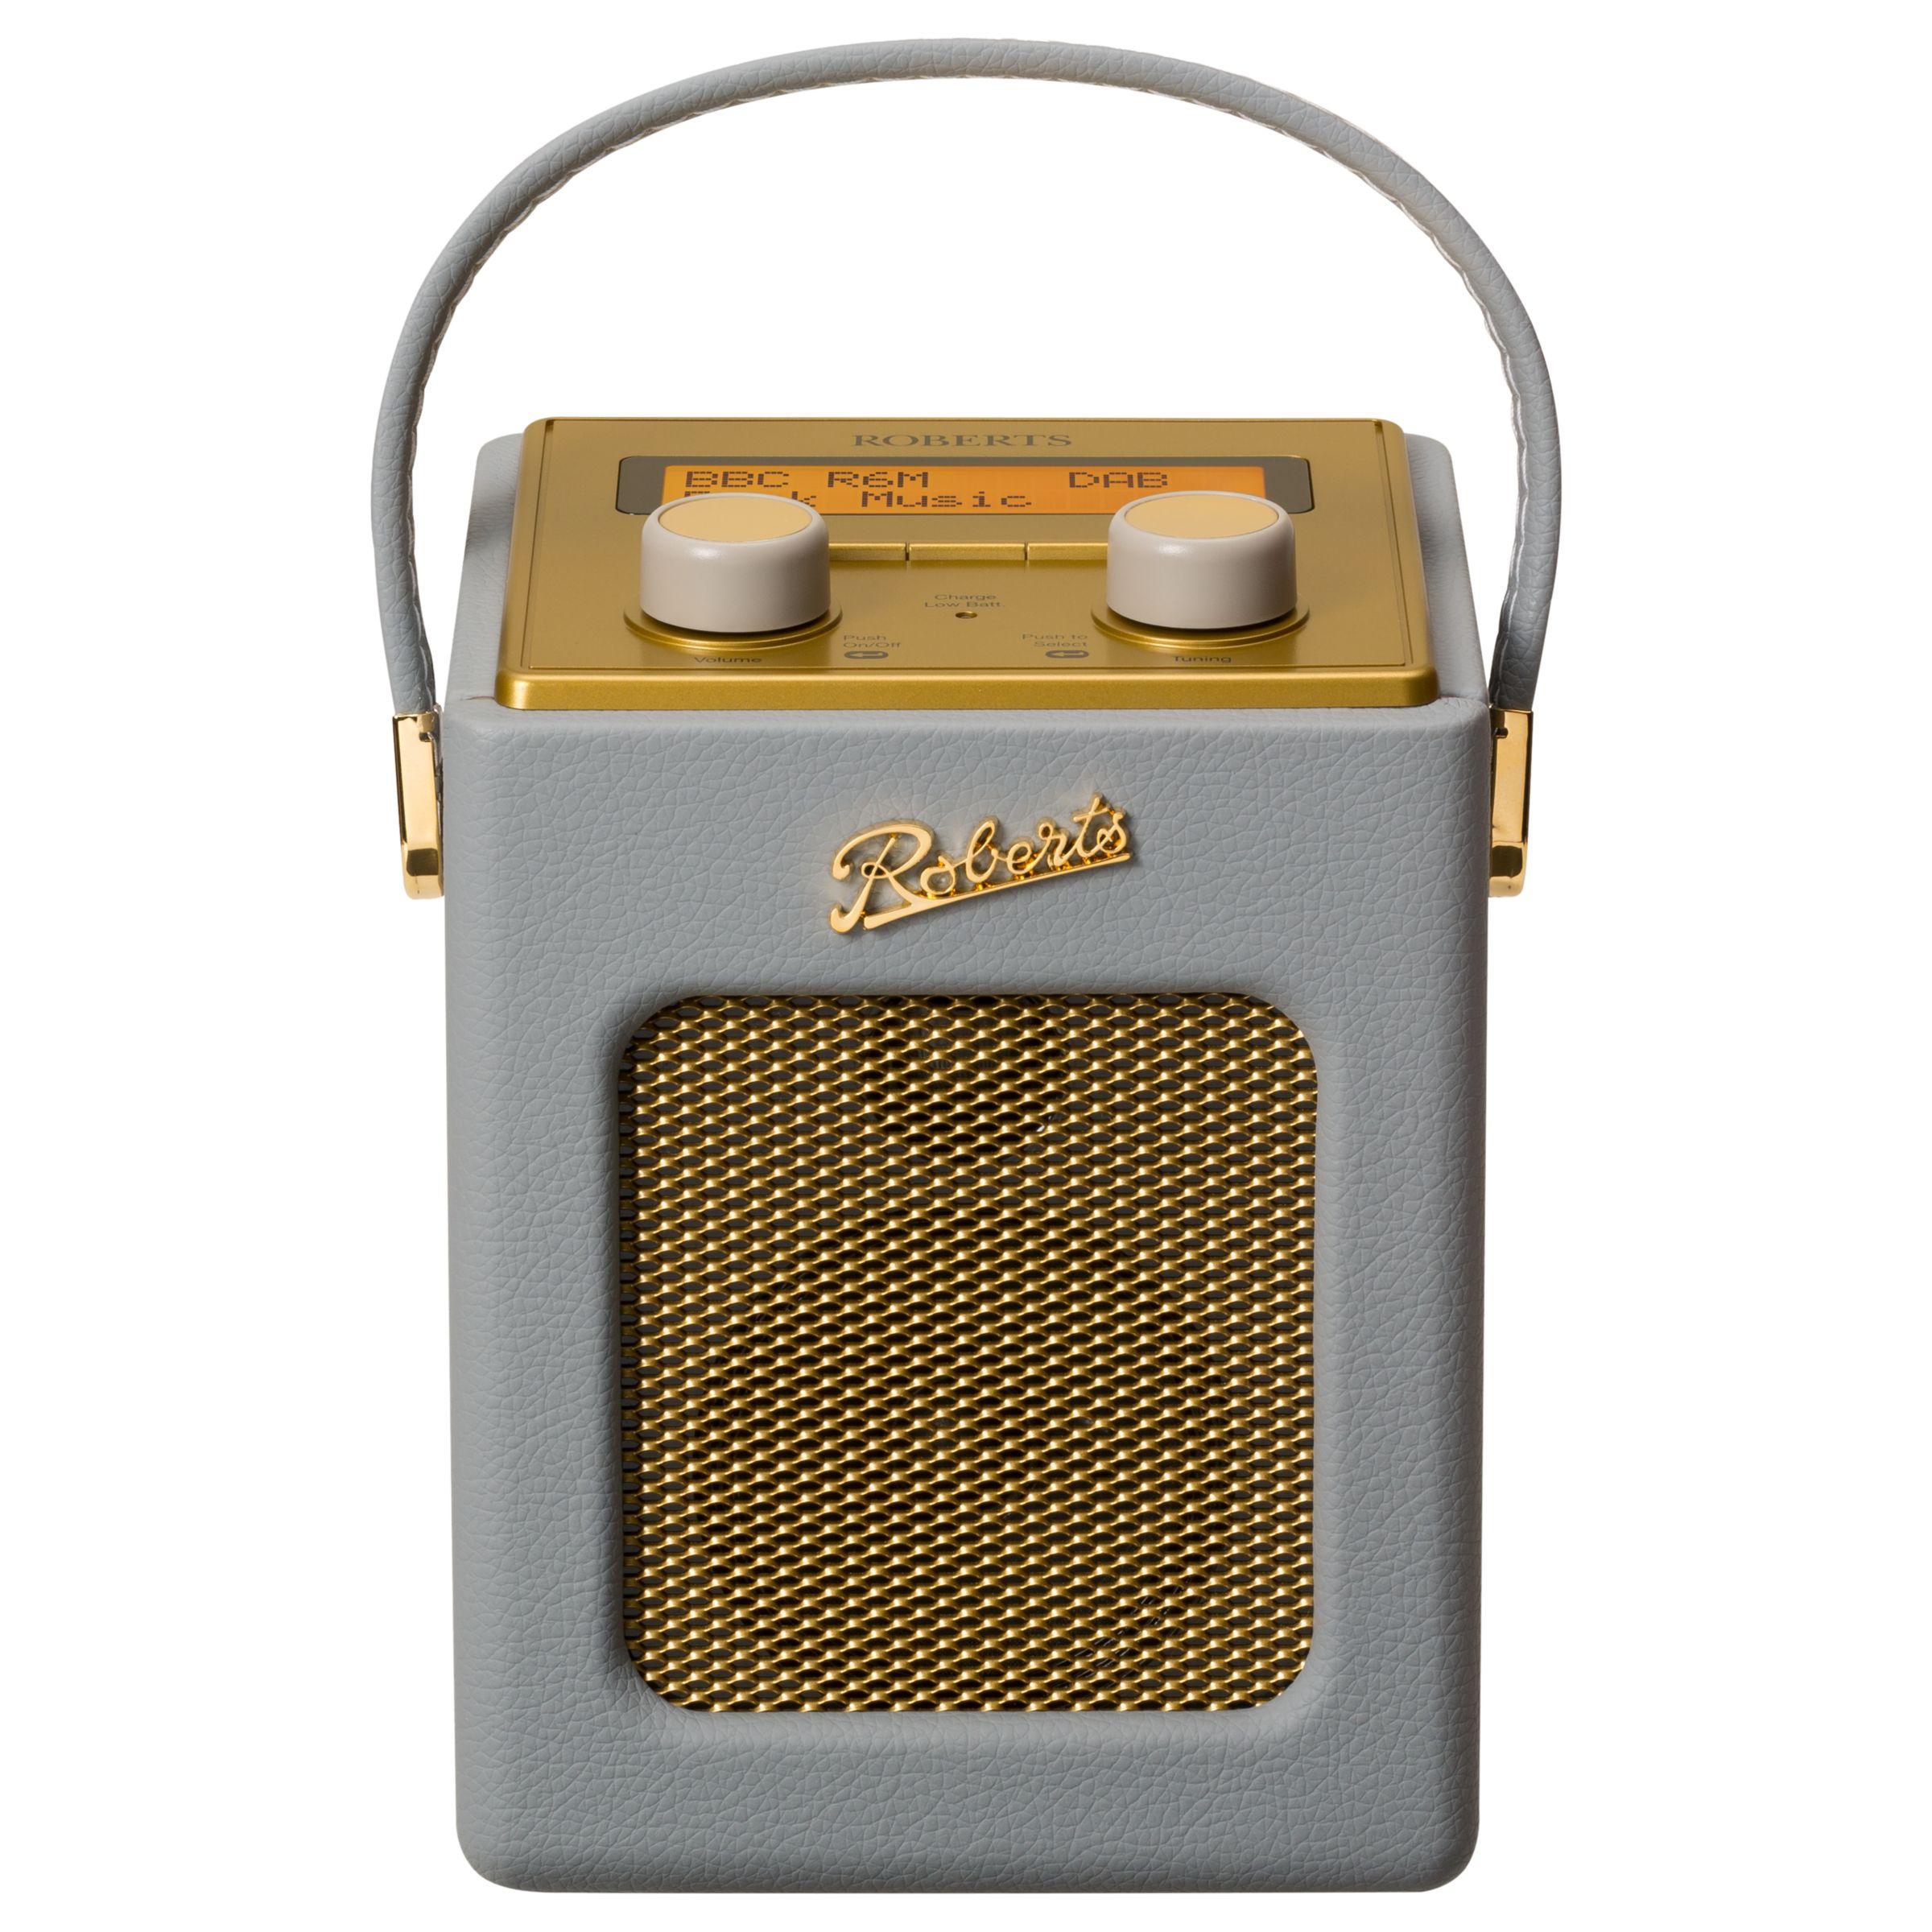 Roberts ROBERTS Revival Mini DAB/FM Digital Radio